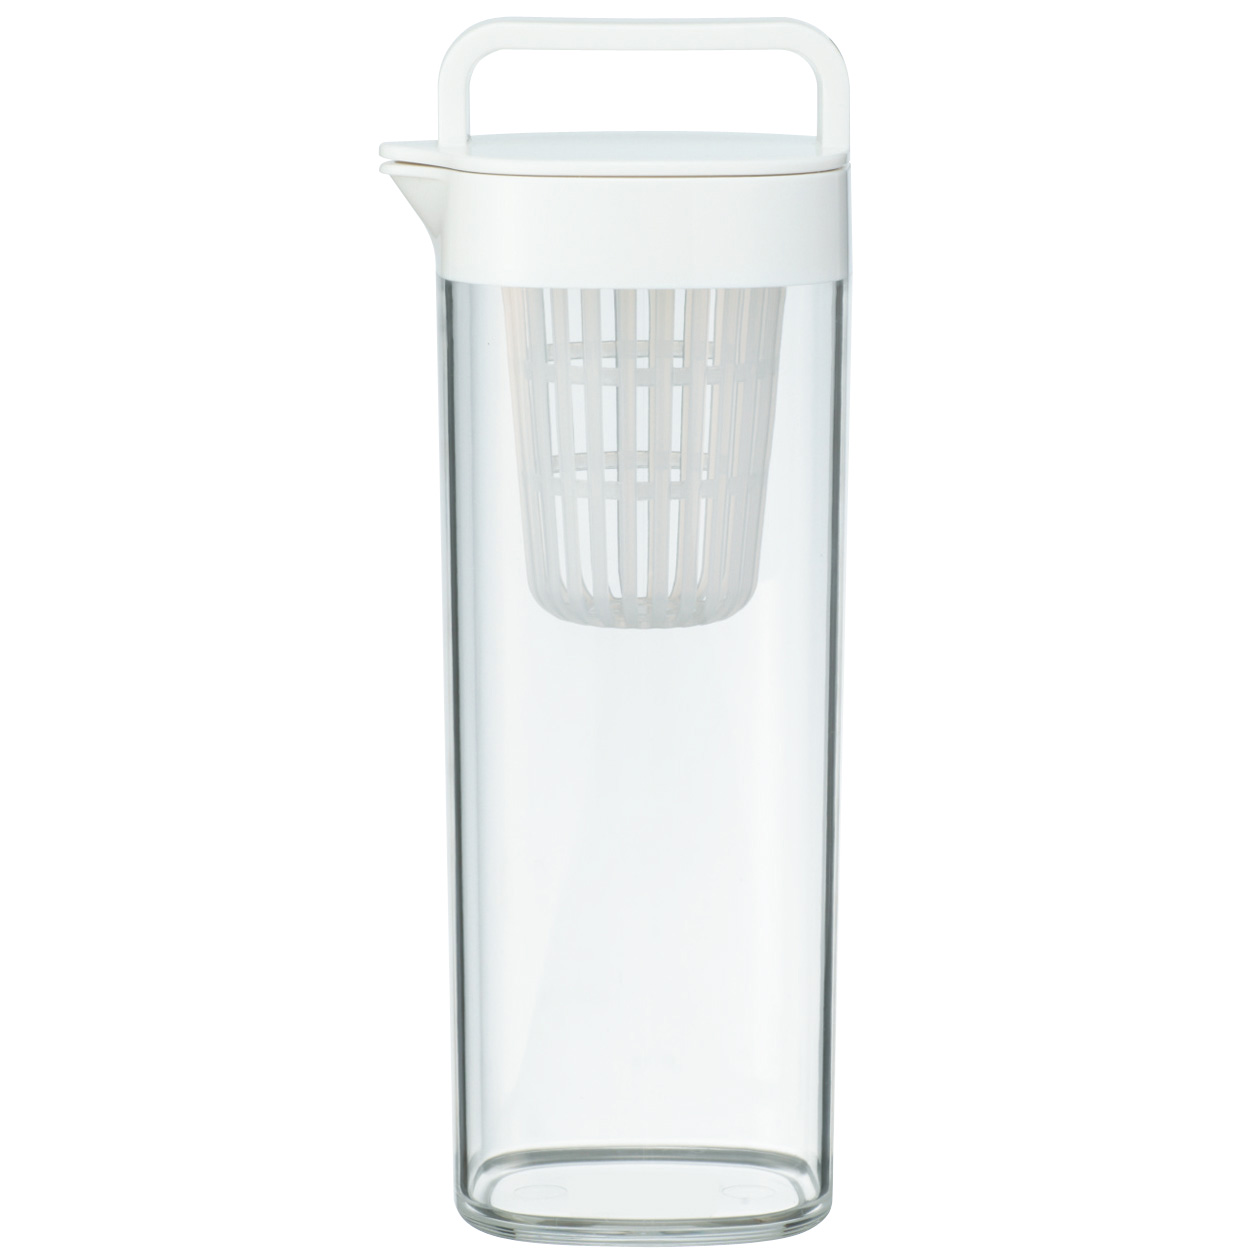 RoomClip商品情報 - アクリル冷水筒・ドアポケットタイプ